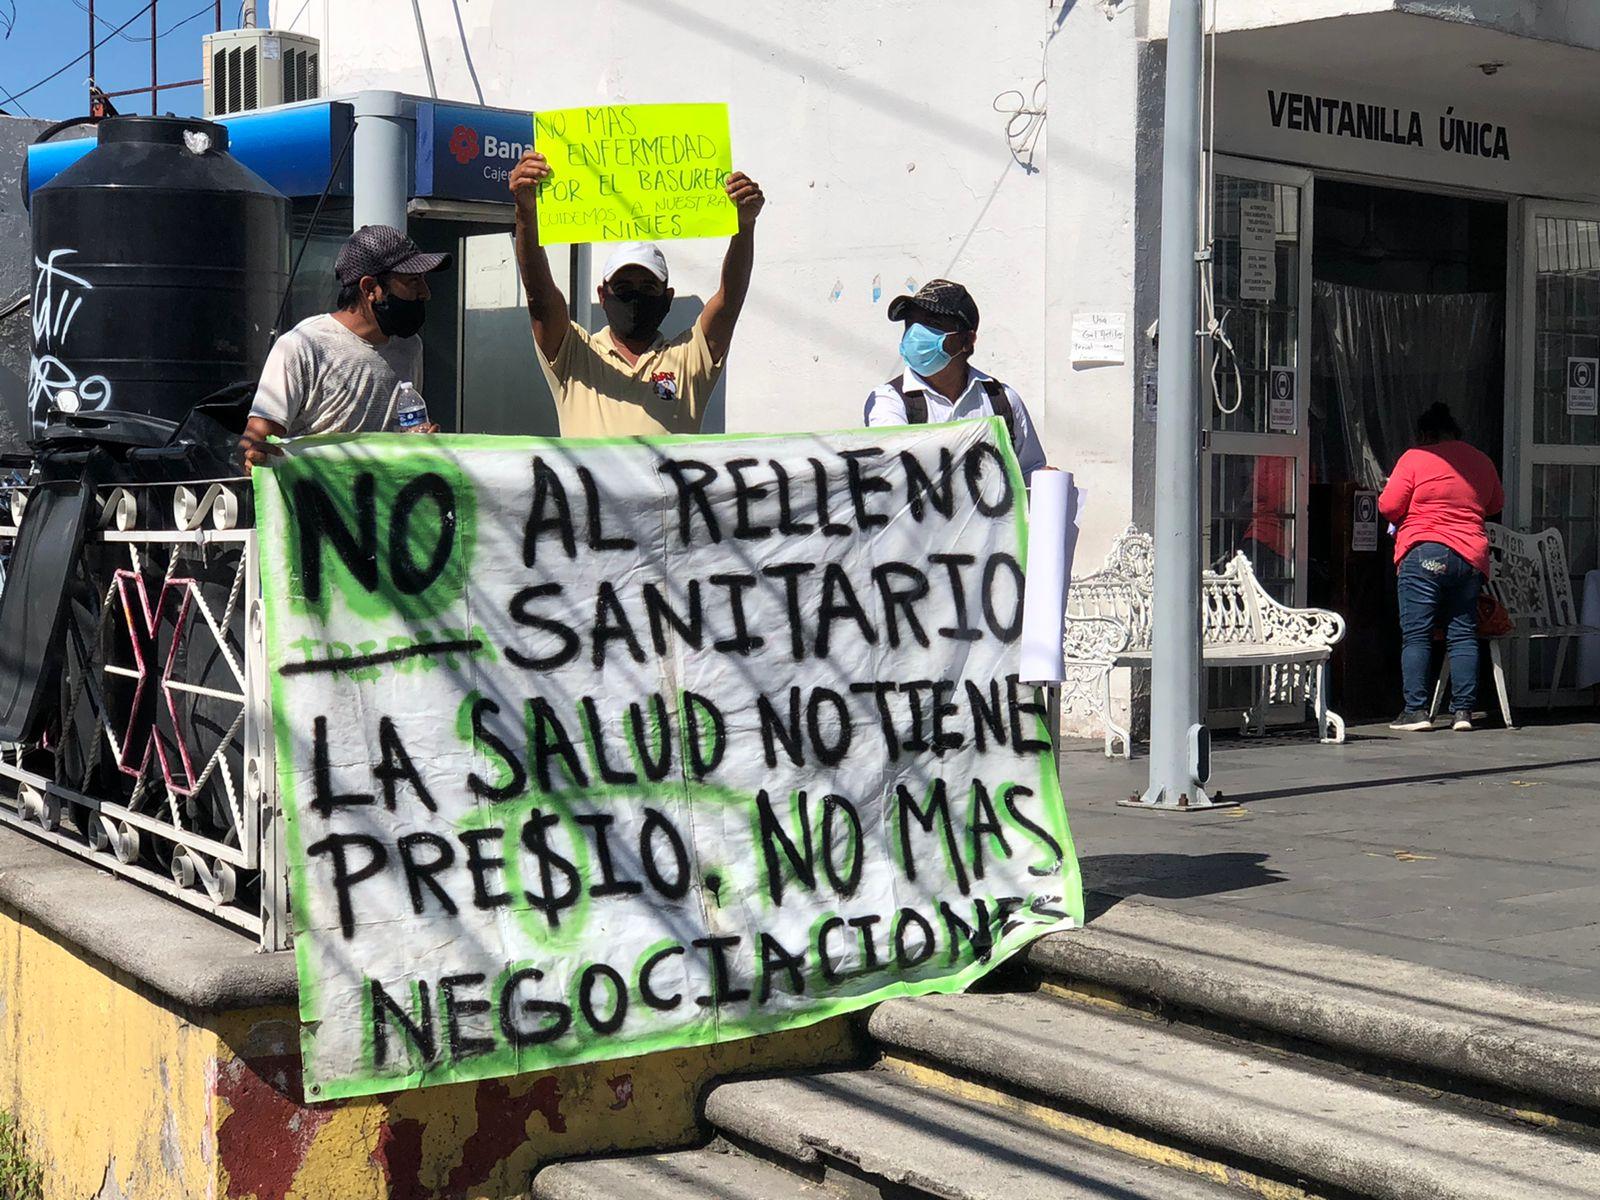 Protesta en ayuntamiento de Temixco por reactivación de relleno sanitario de Loma de Mejía, el cual representa un foto de infección para la población